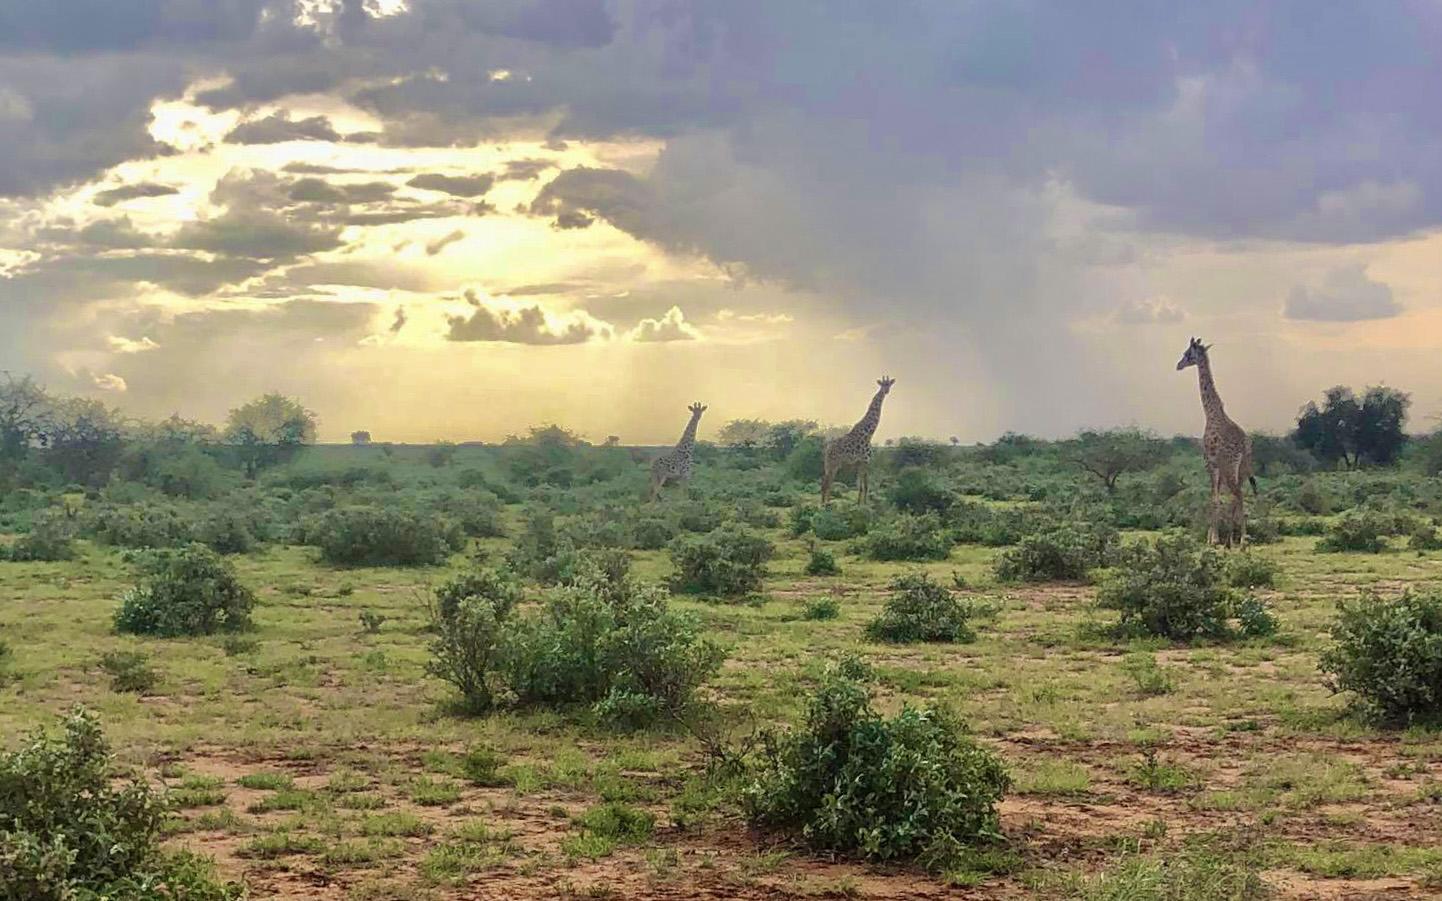 マサイ族がiPhoneで撮影したマサイ族の超日常写真集パート6(画像補正版)/ マサイ通信:第457回